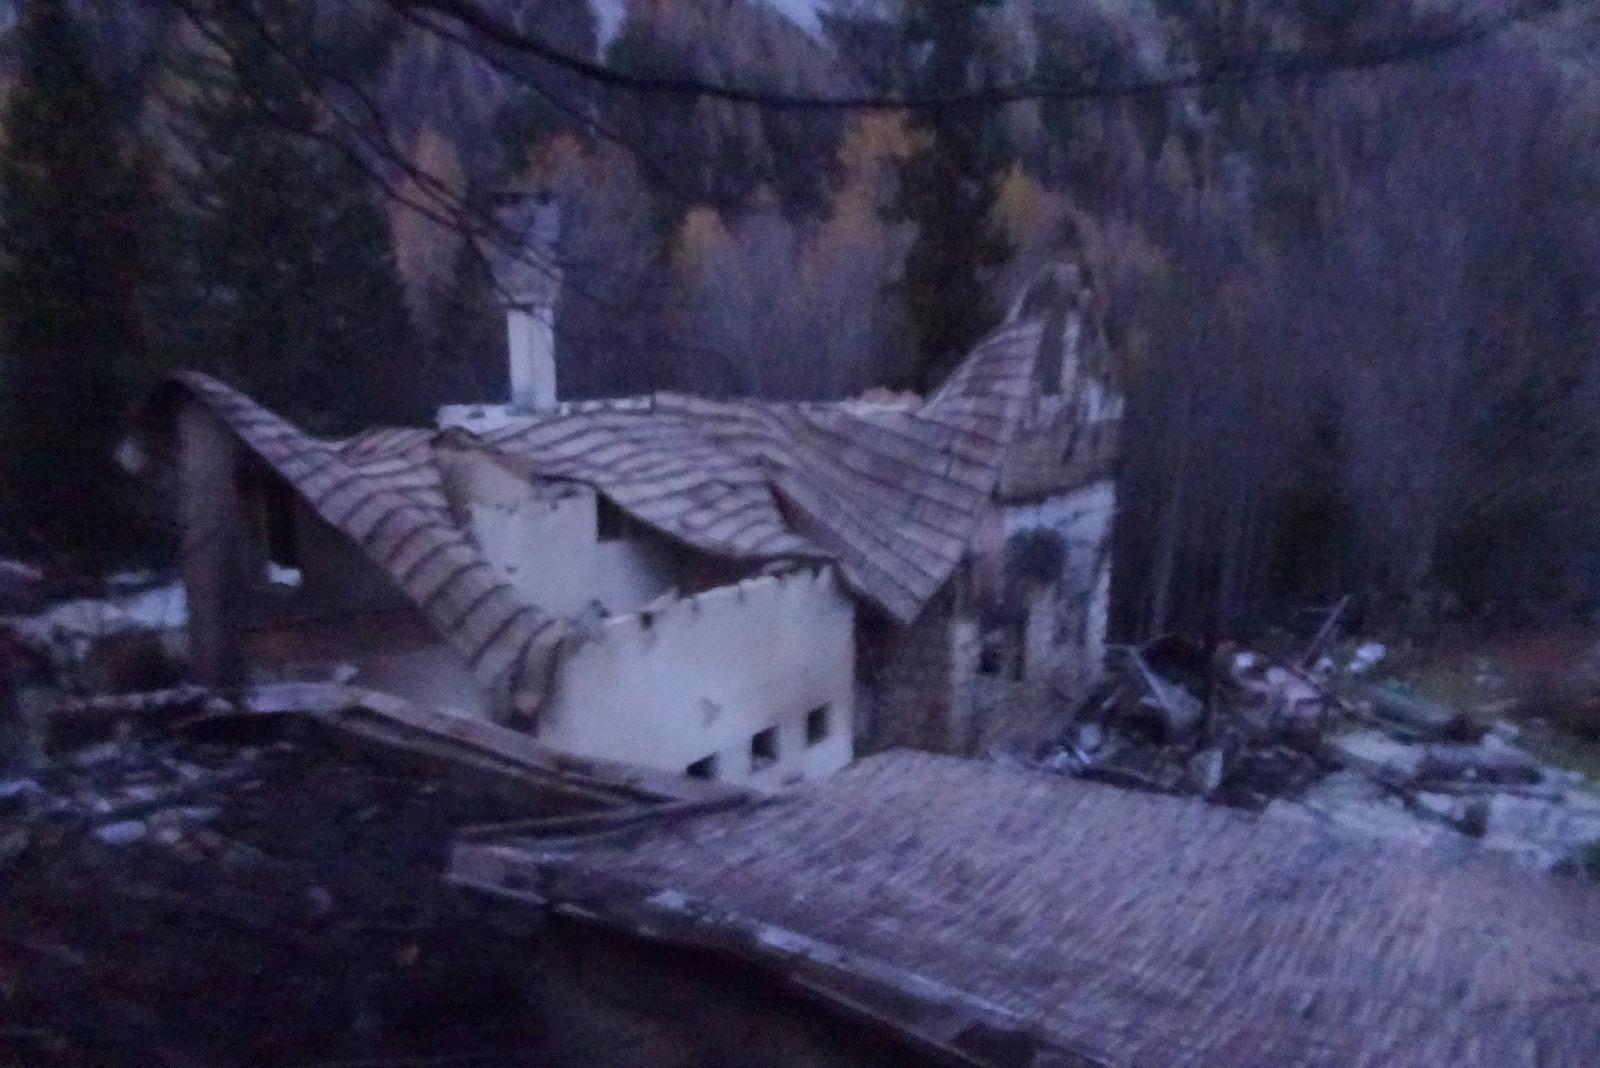 okreselj_pozar2_foto_brane_povse